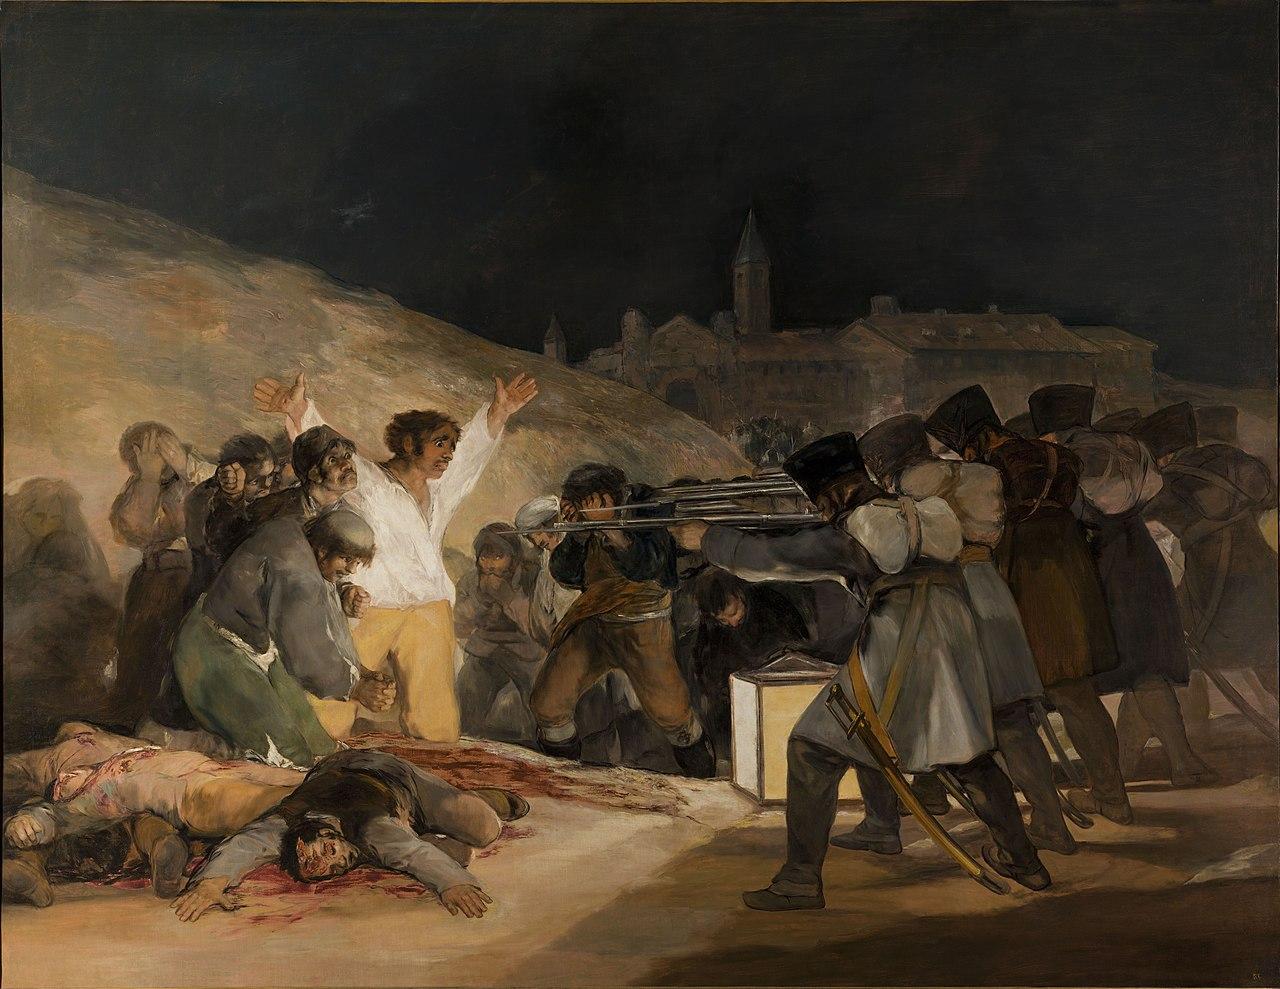 五月三日(视频)戈雅 Francisco José de Goya y Lucientes - 水木白艺术坊 - 贵阳画室 高考美术培训